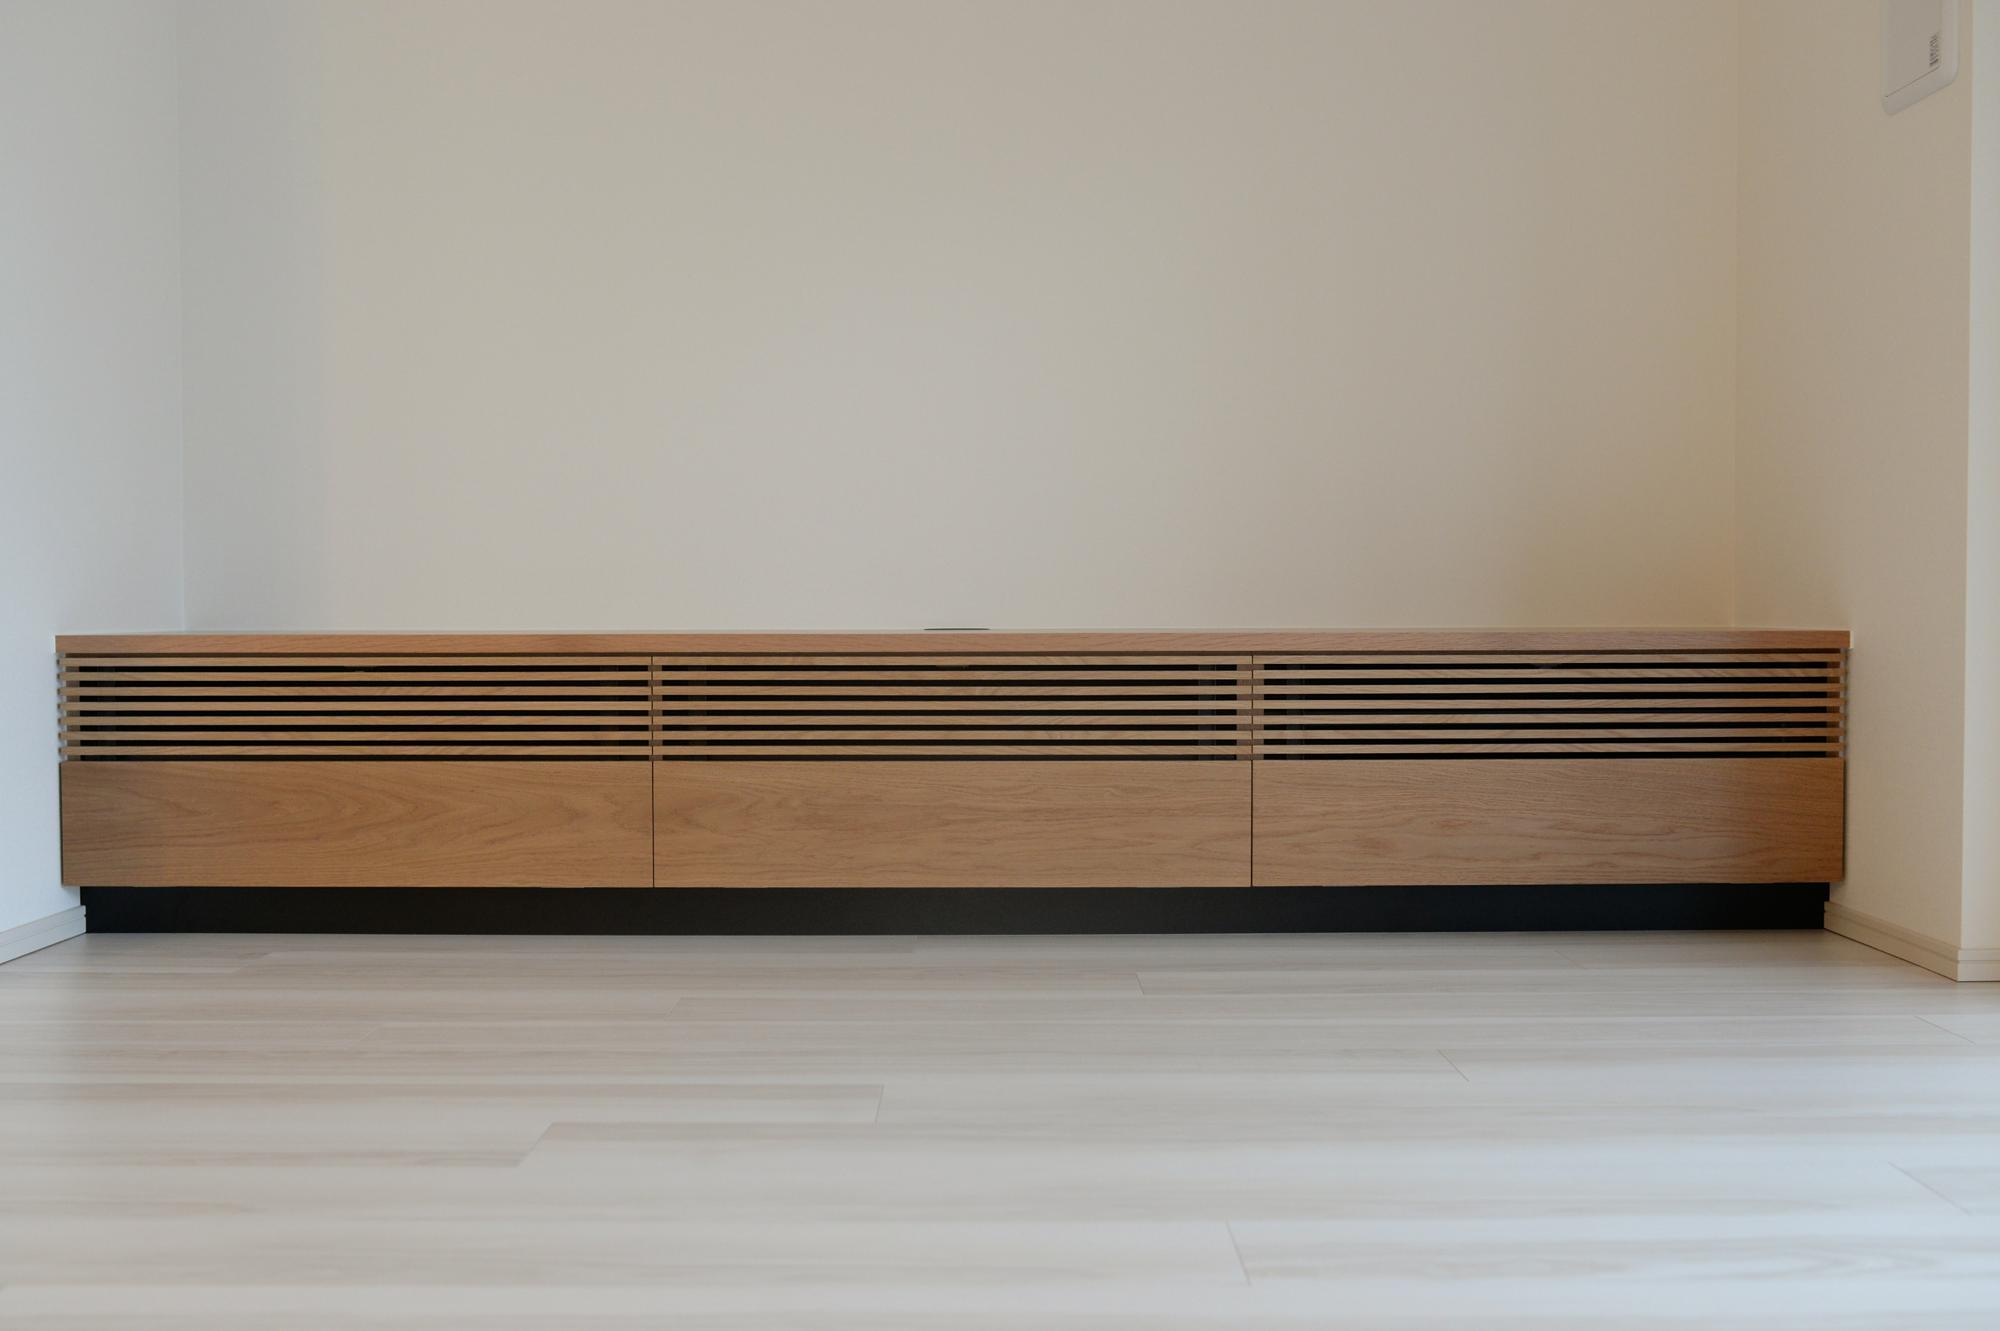 オーダー家具 東京 walden テレビボード ルーバー